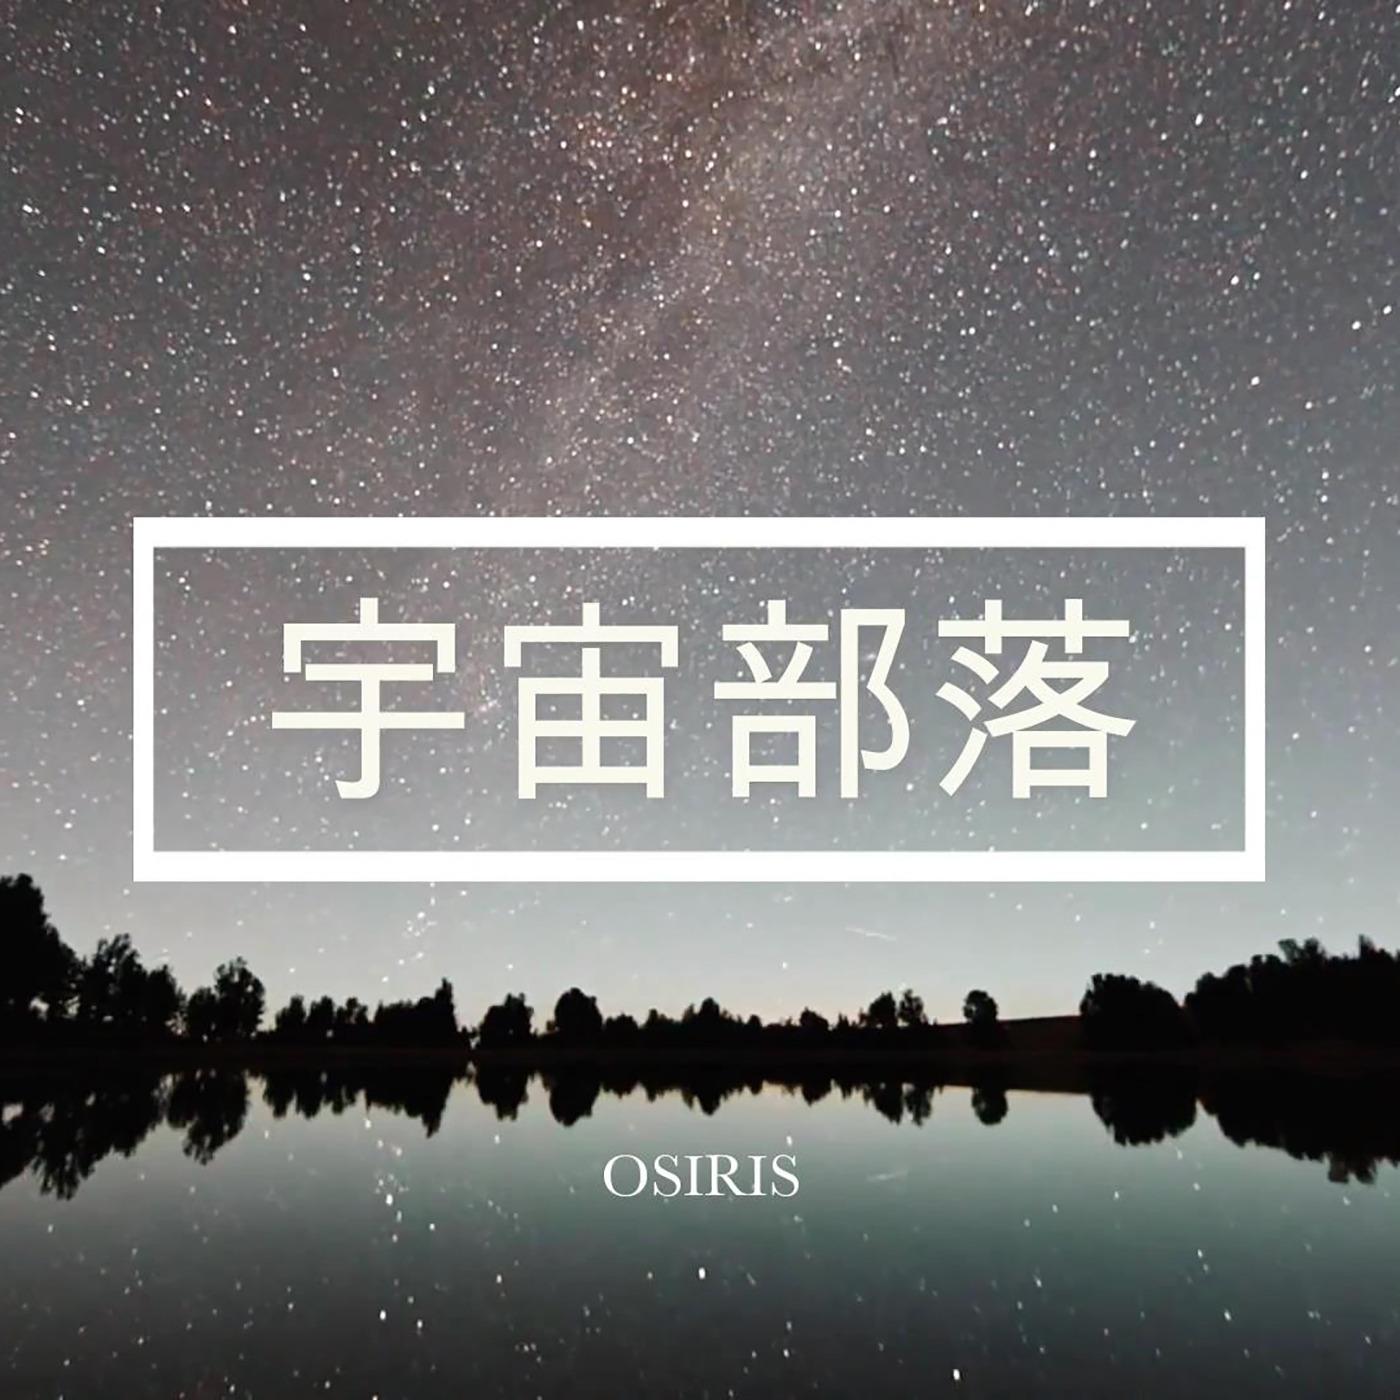 宇宙部落 EP15 - The OA